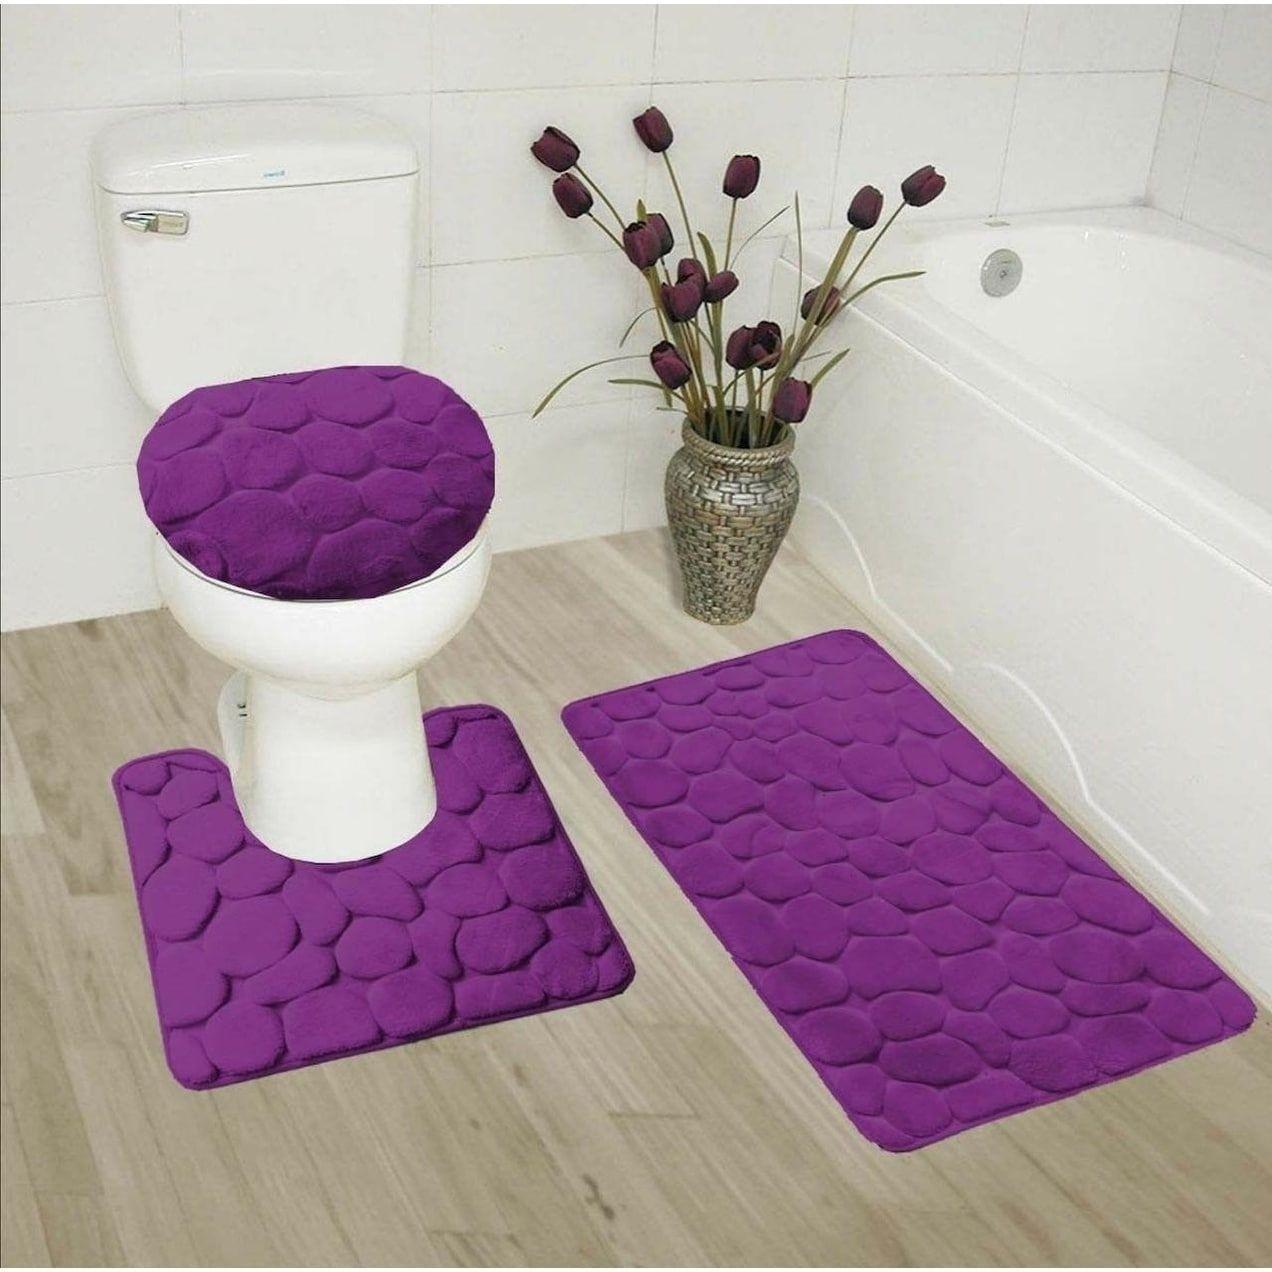 How To Choose Bath Rugs Mats Foter Memory Foam Bath Rugs Memory Foam Bathroom Mat Bathroom Mat Sets [ 1272 x 1272 Pixel ]